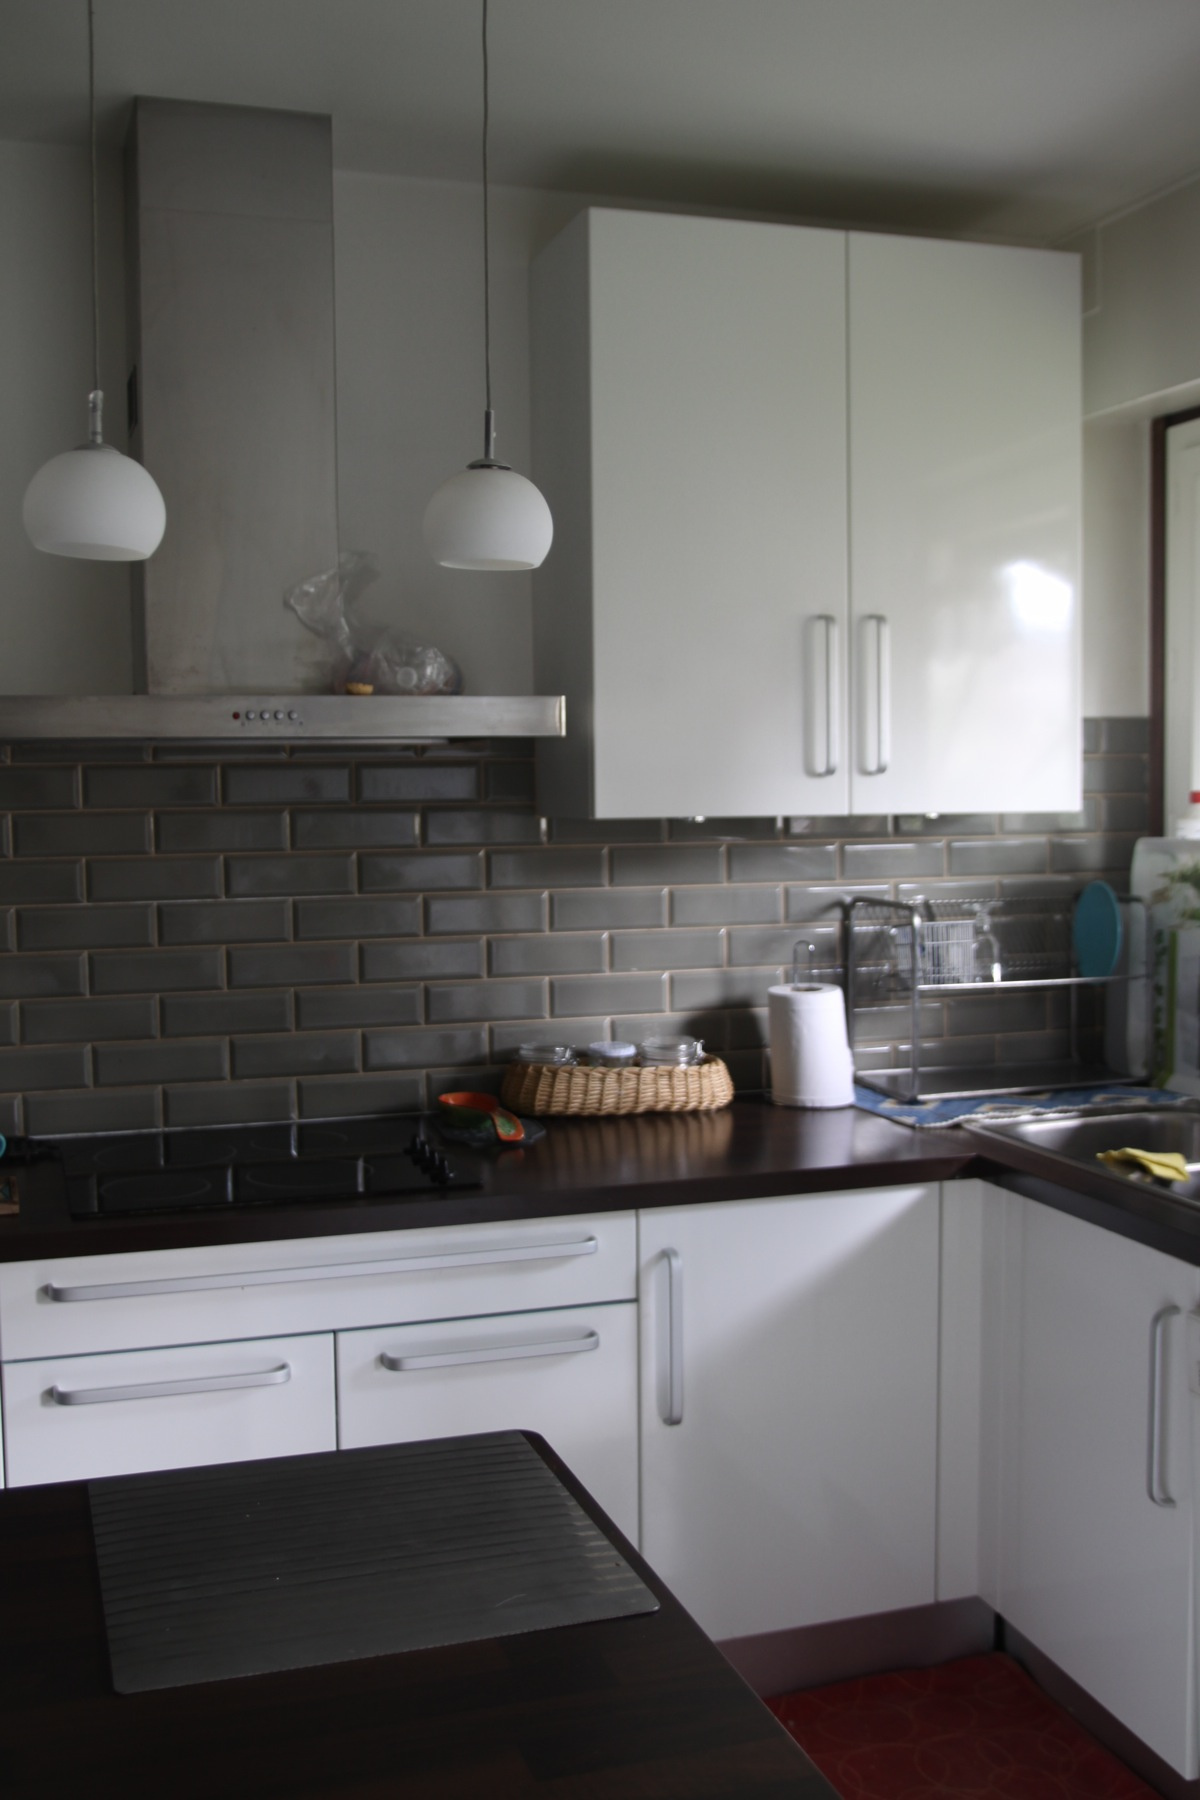 déco pour cuisine blanche et grise - lille-menage.fr maison